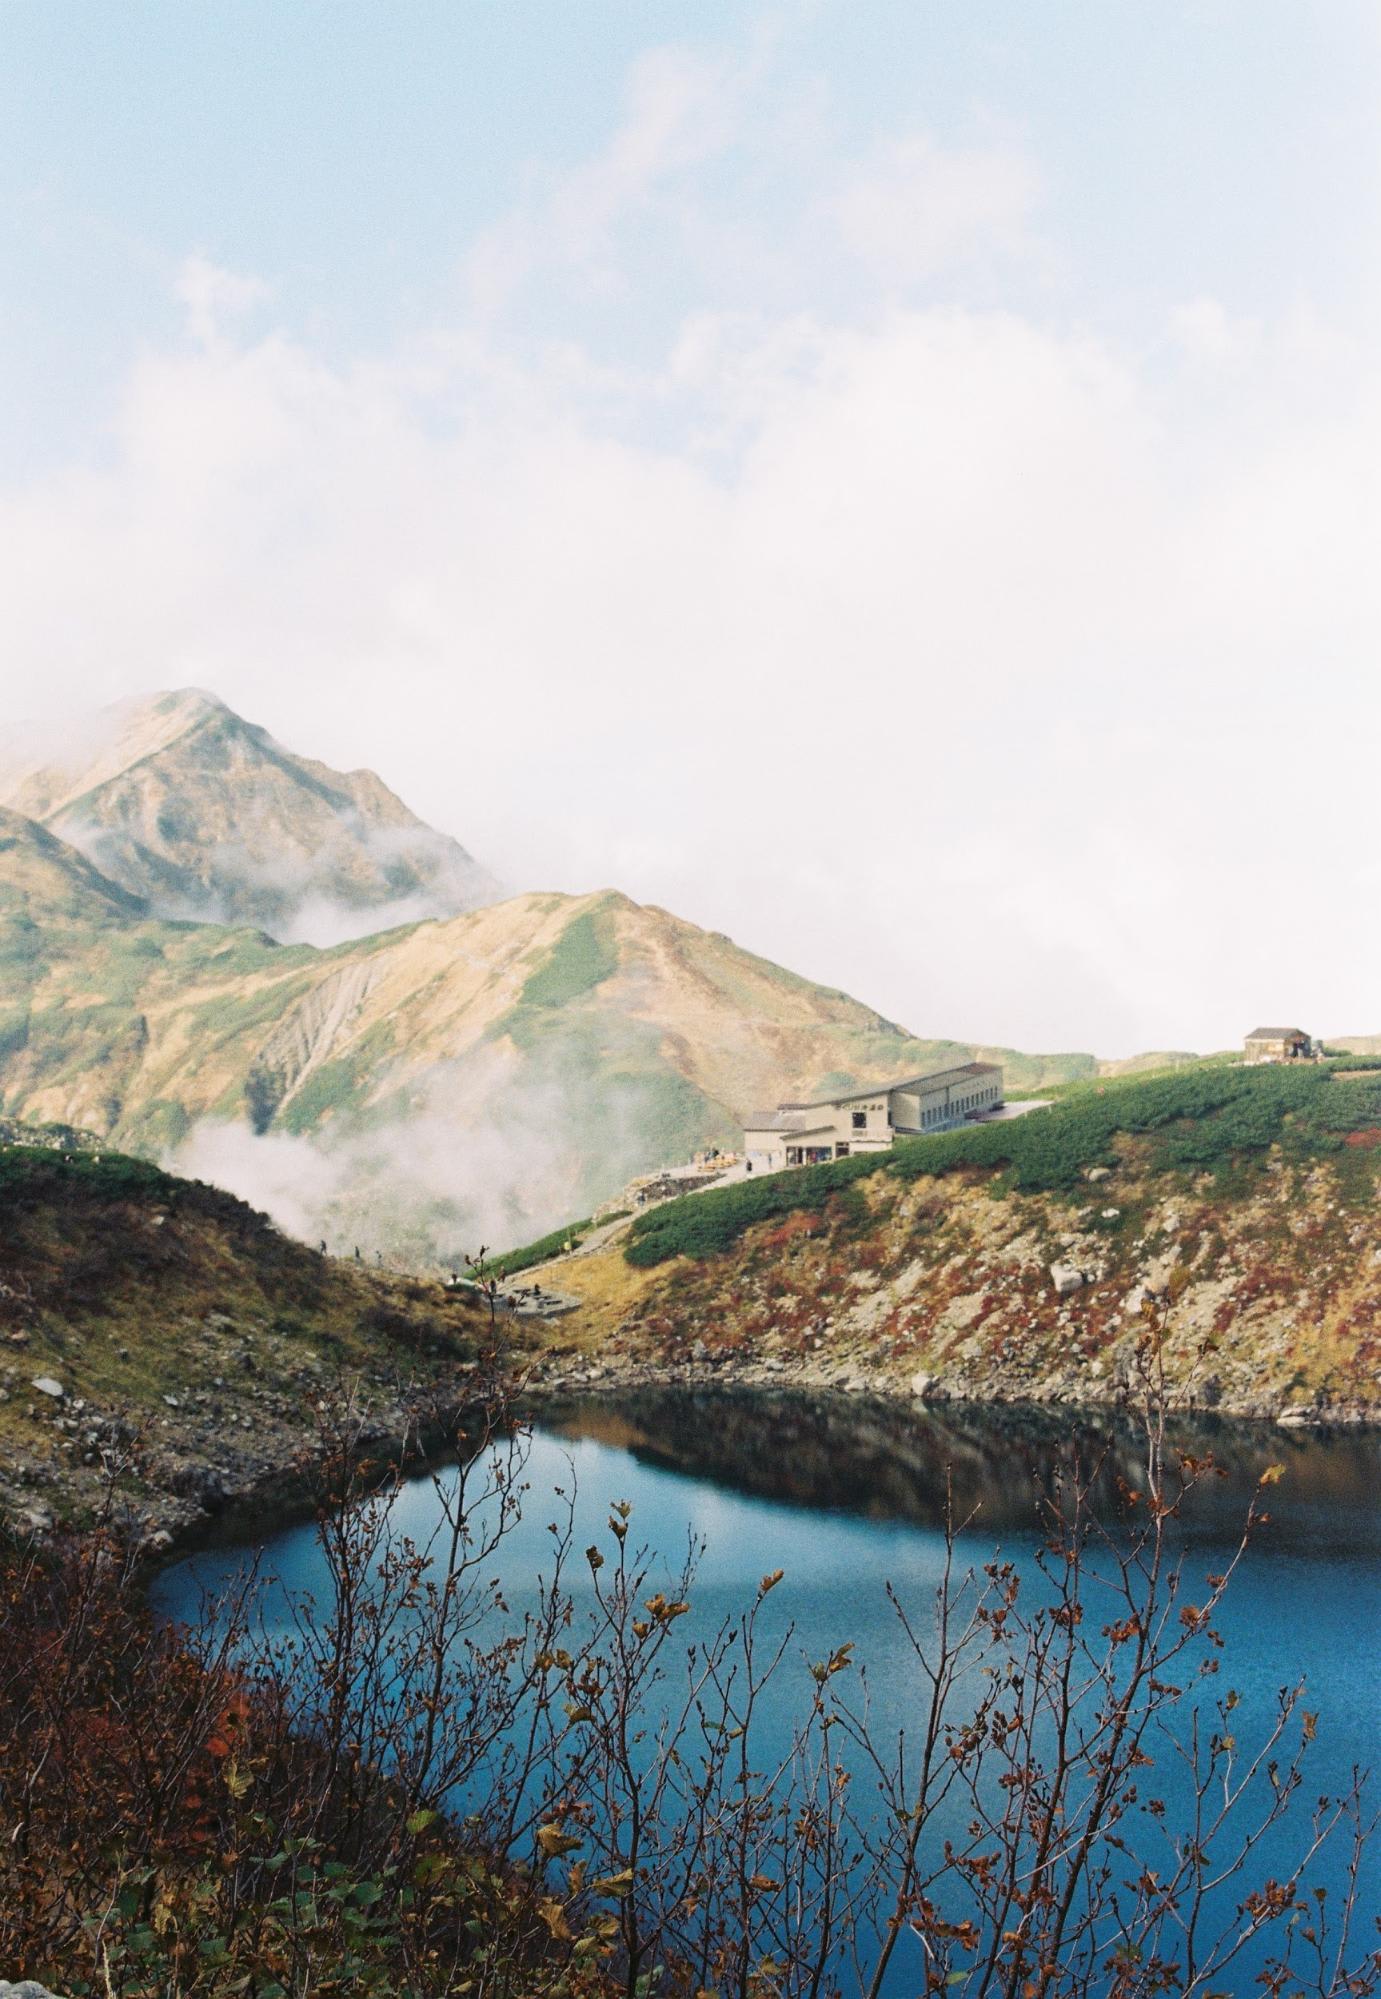 hồ nước và dãy tateyama nhìn từ murodo